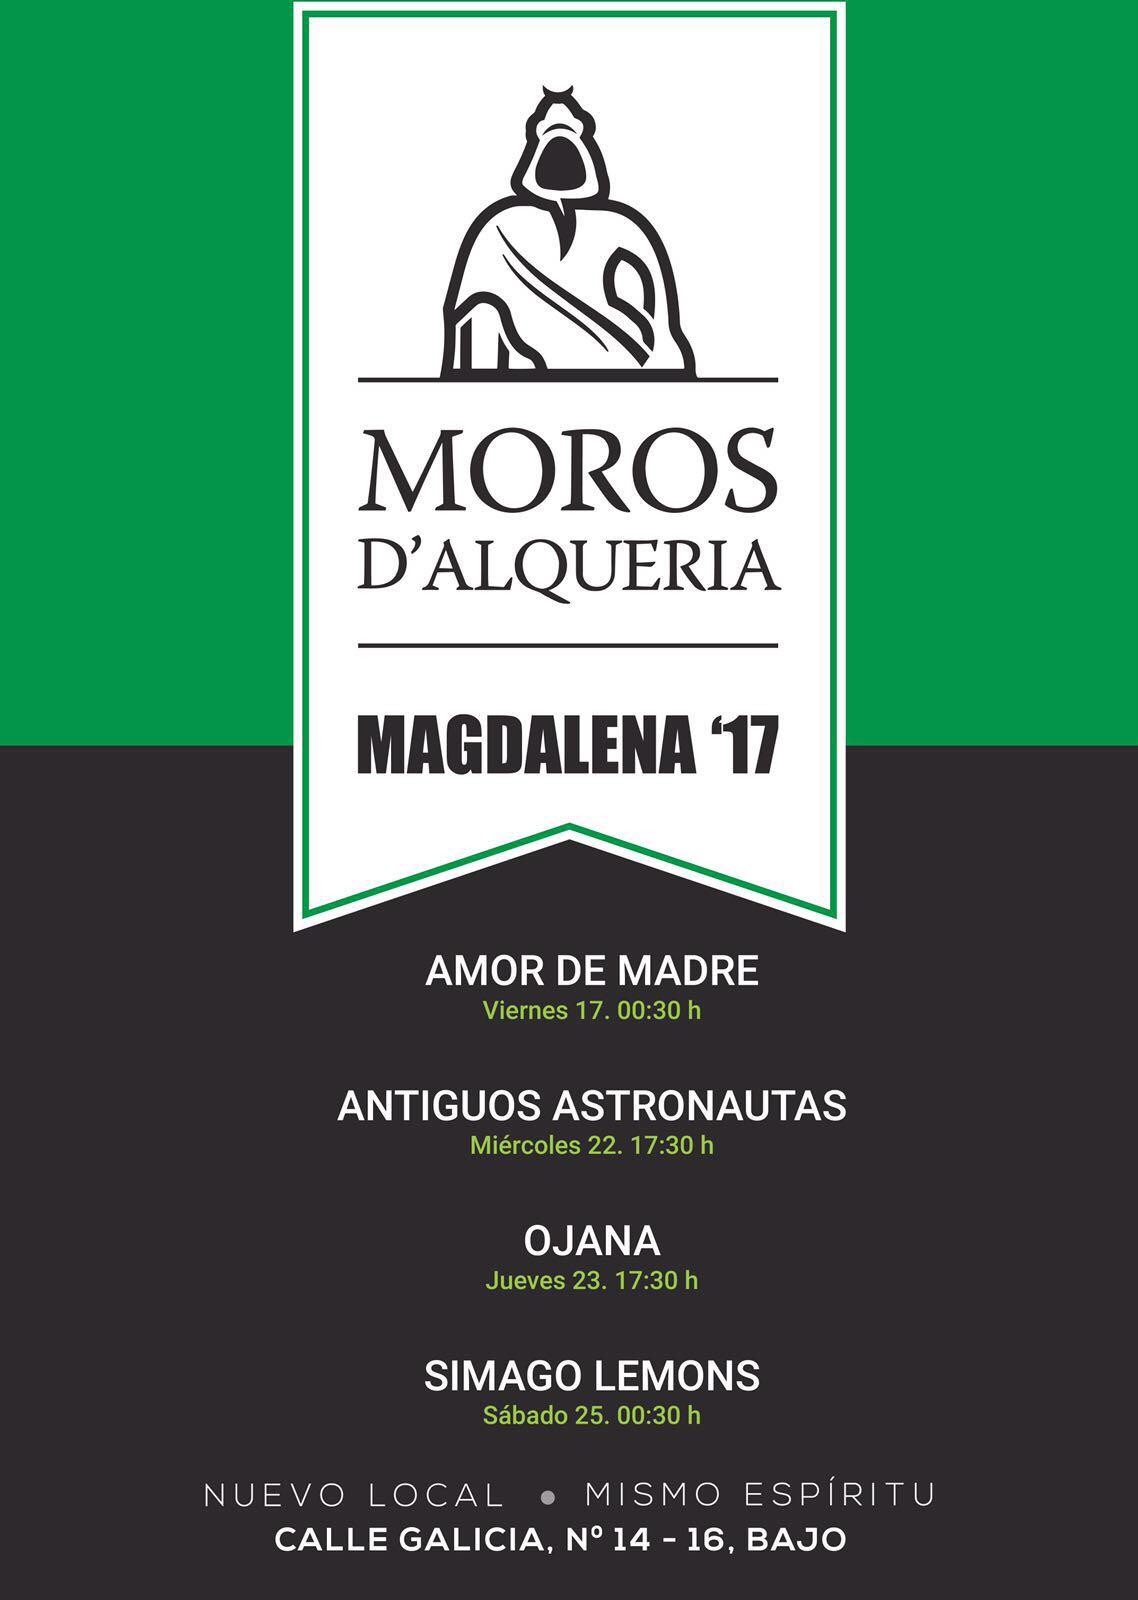 13663-Moros promo conciertos (1)